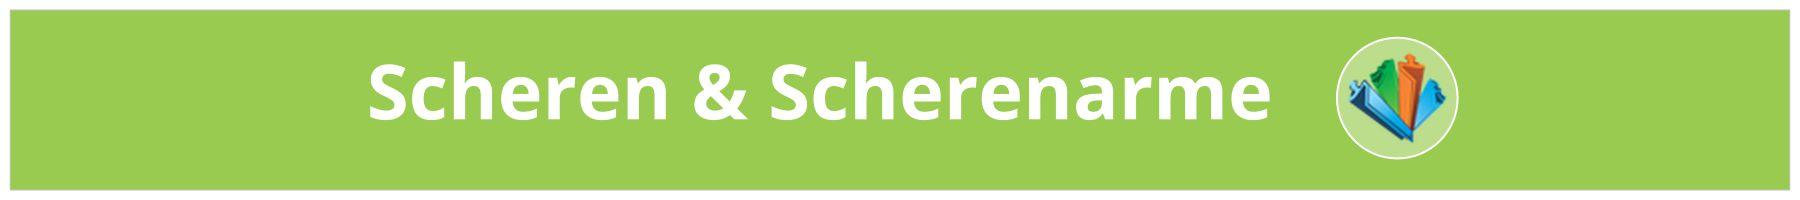 Scheren & Scherenarme